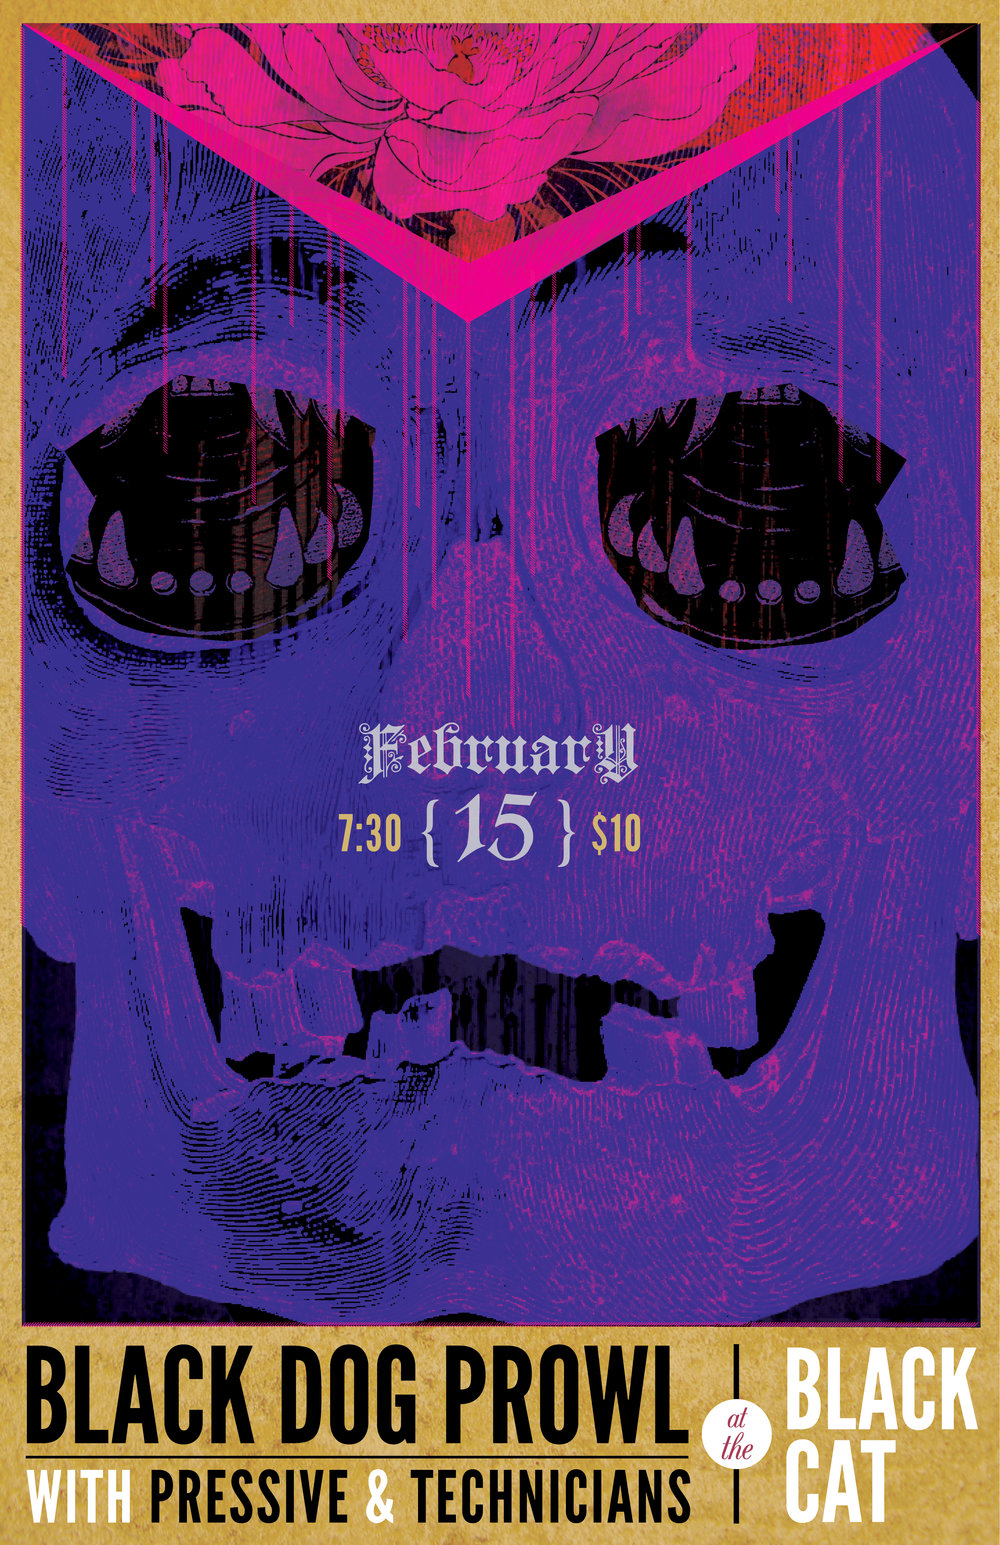 poster-blackCat2018-1.jpg